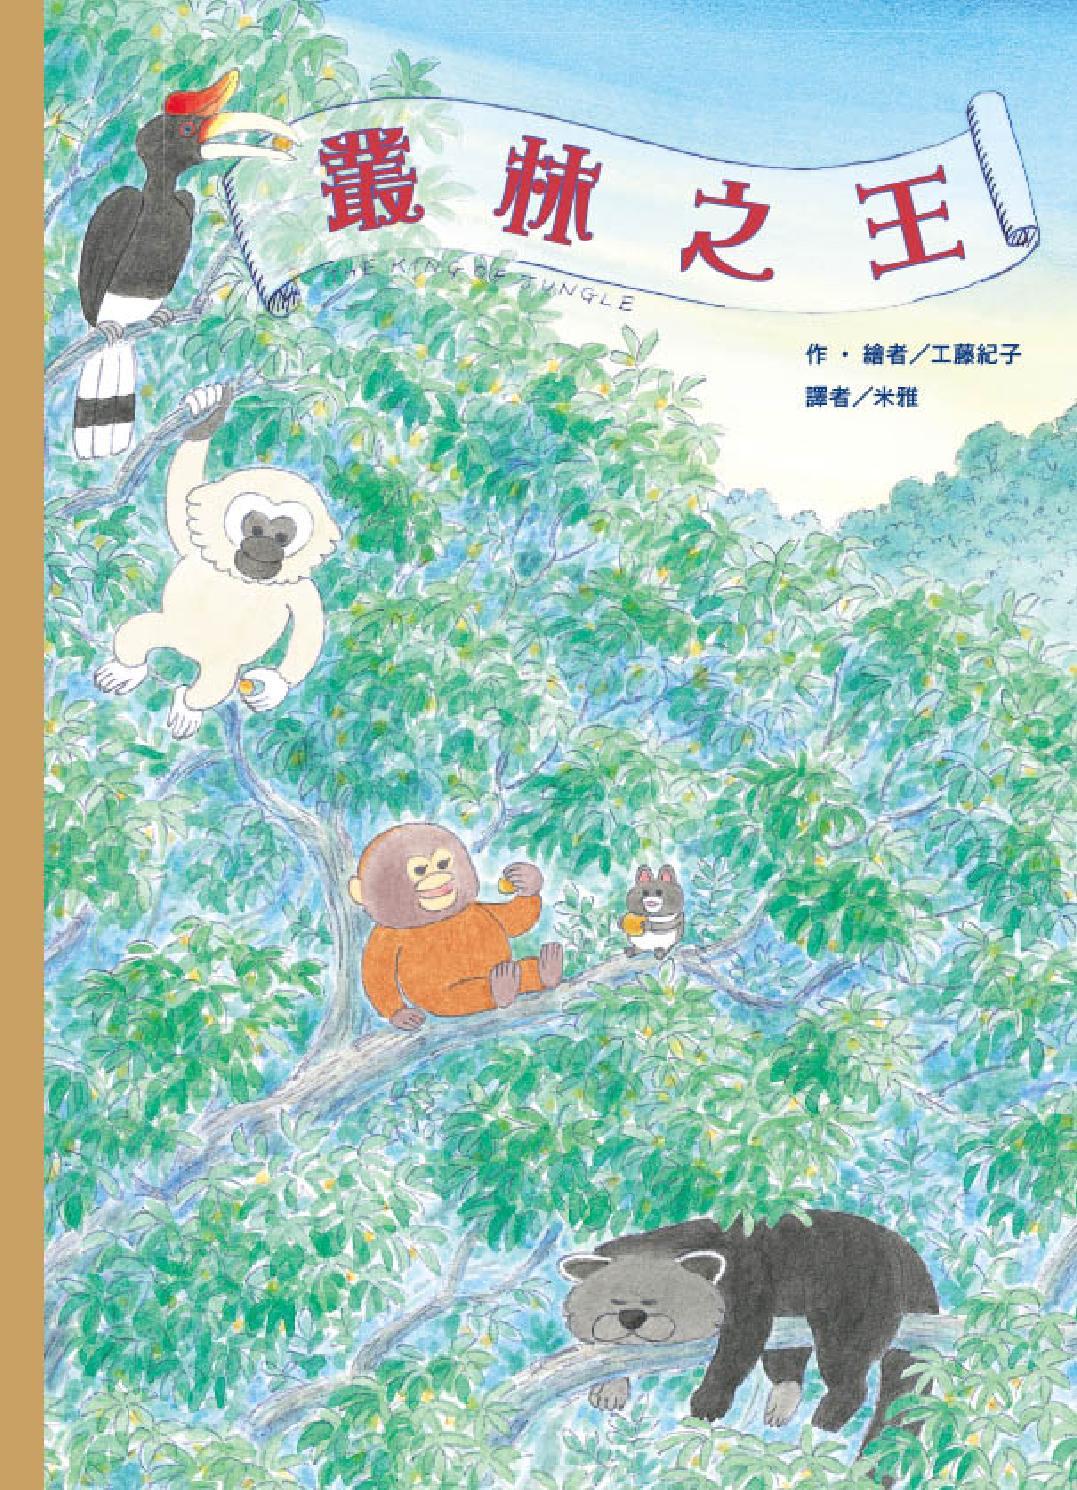 叢林之王 by Linda Chen - Issuu